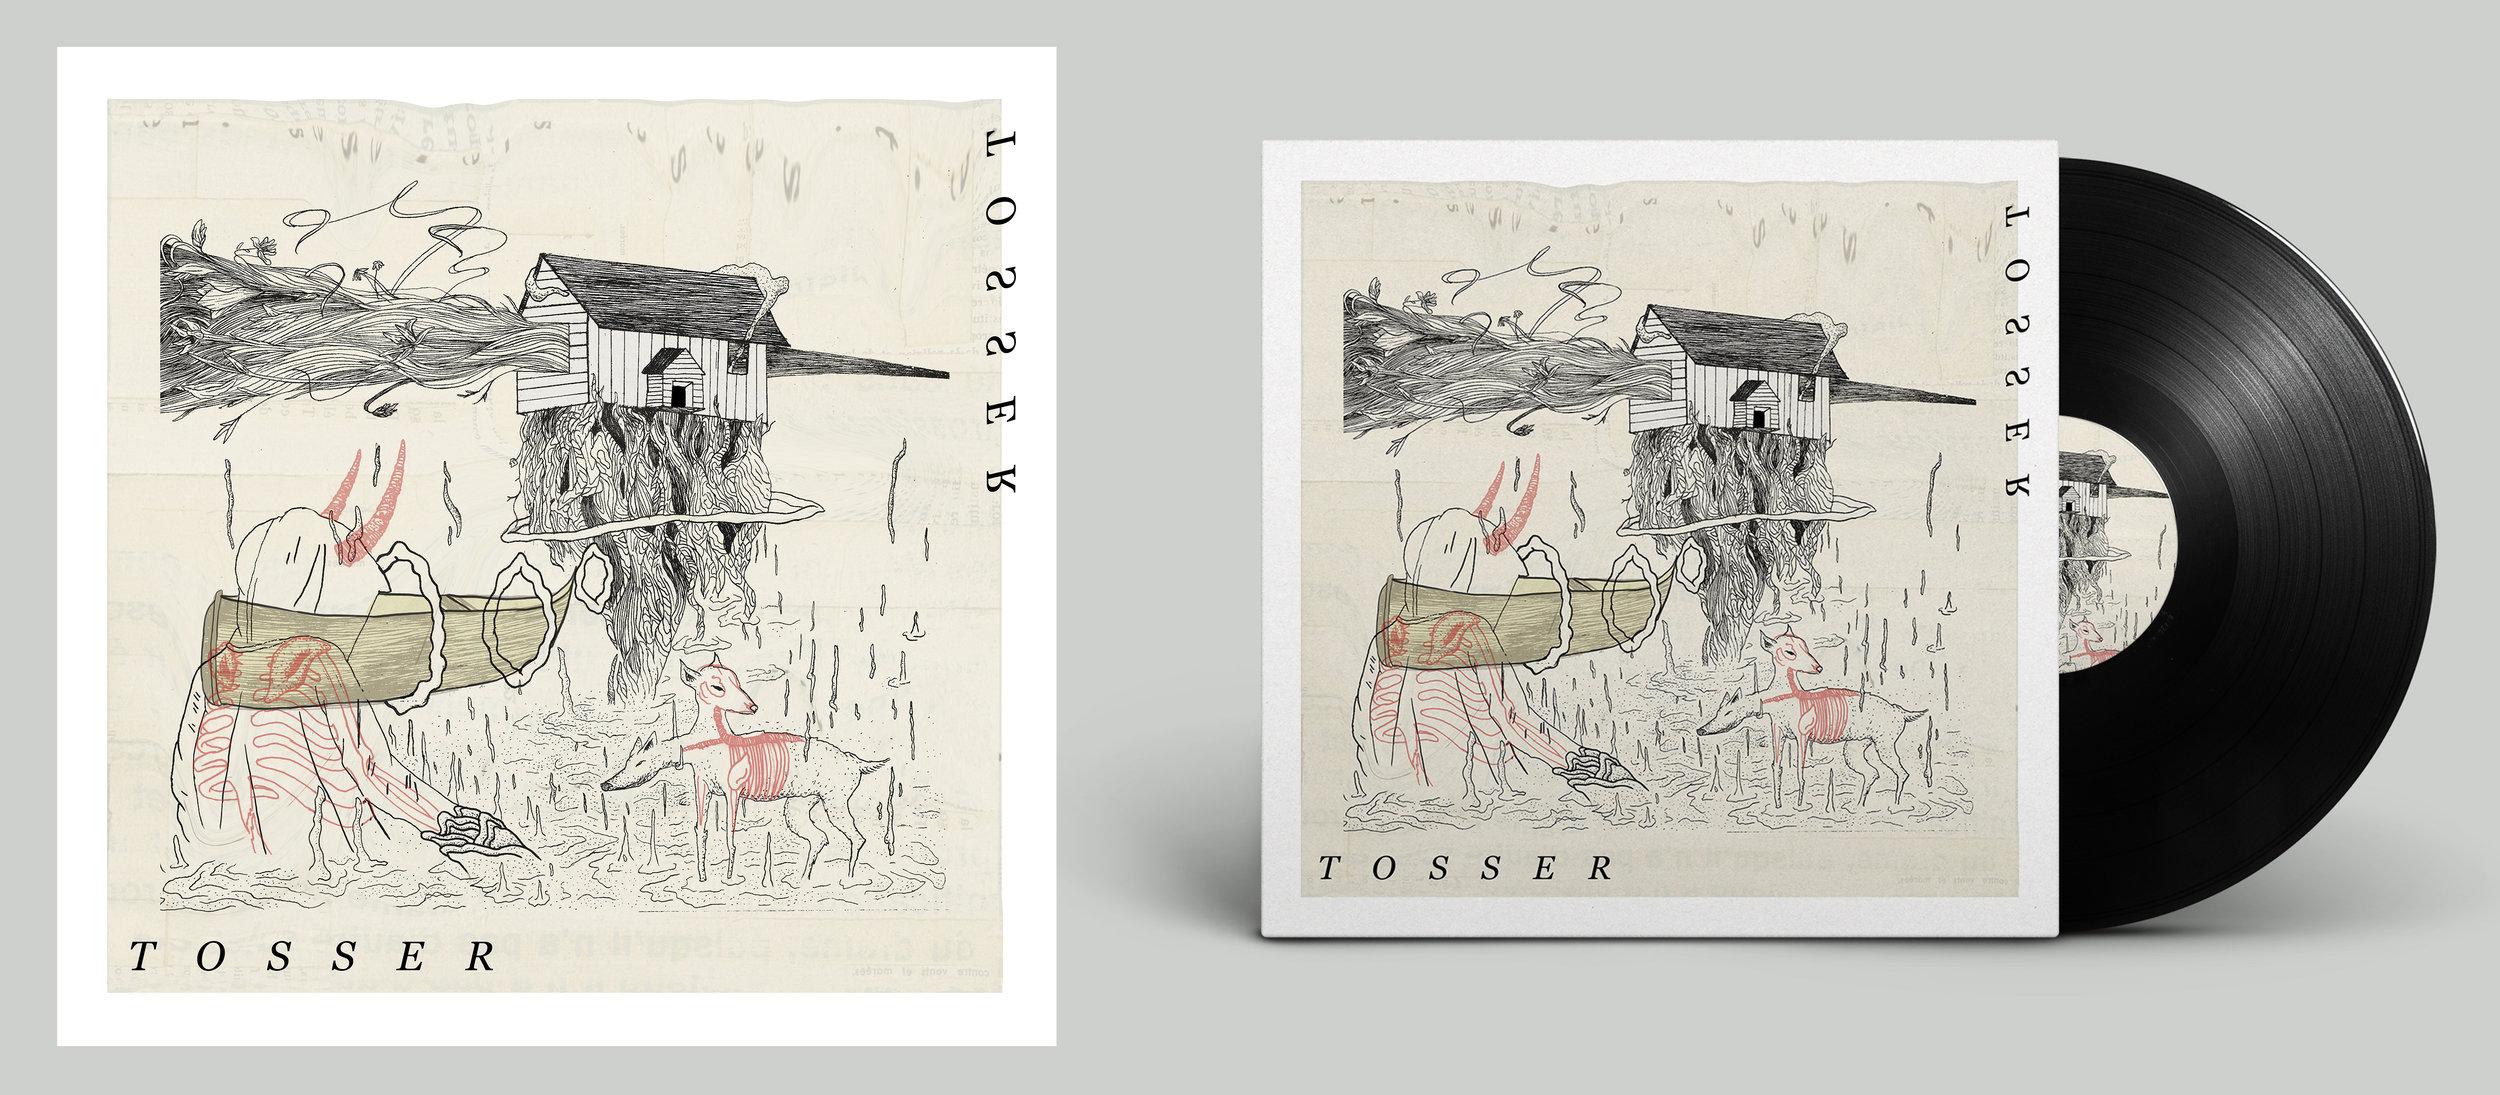 Tosser - EP